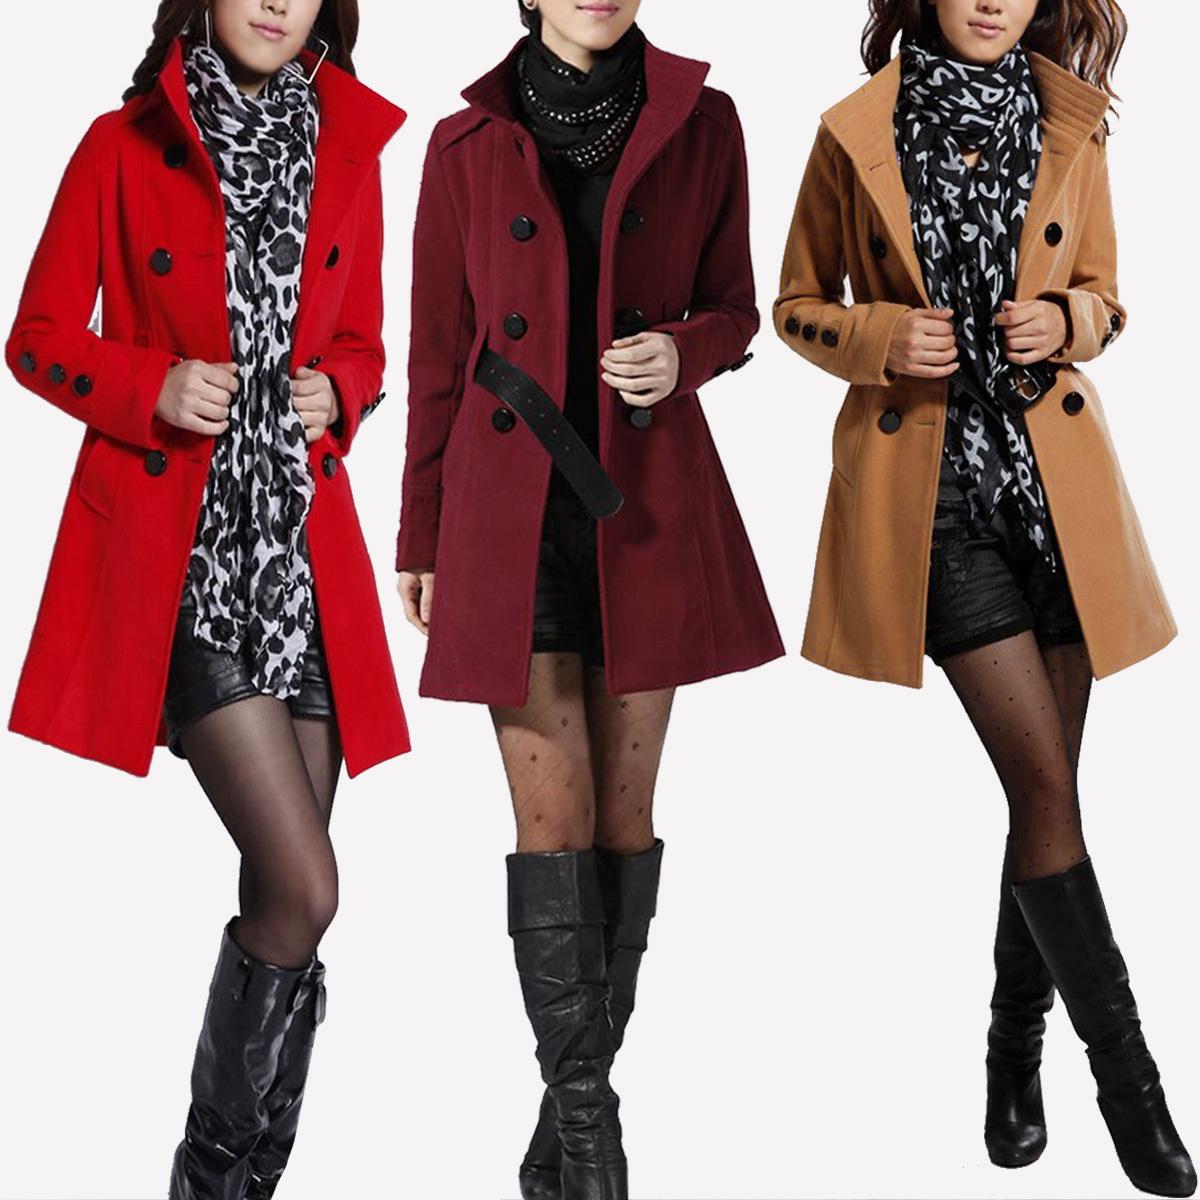 женское пальто 658 2012 Зима 2012 Средней длины (65 см <длины одежды ≤ 80 см) Длинный рукав Классический рукав